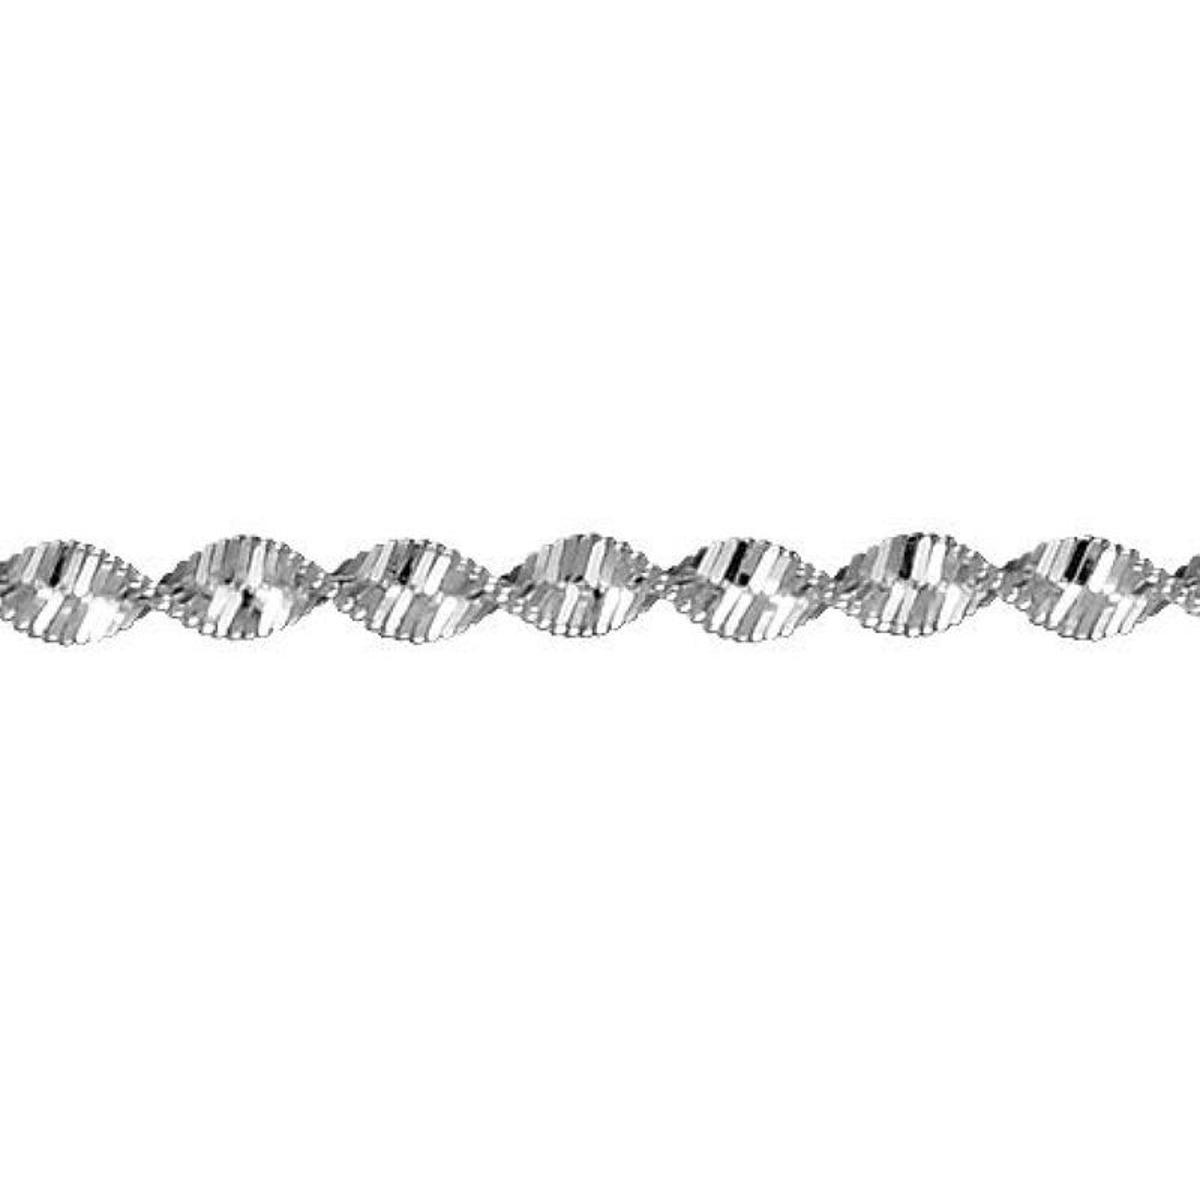 Bracelet 18 cm Maille Vrillée Argent 925